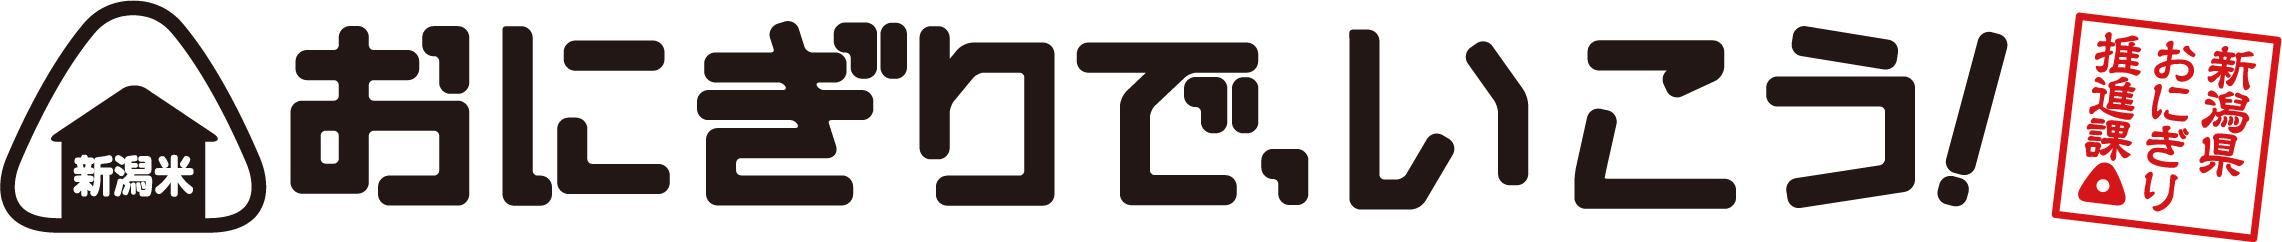 縺翫↓縺阪y繧翫Ο繧ウ繧傳